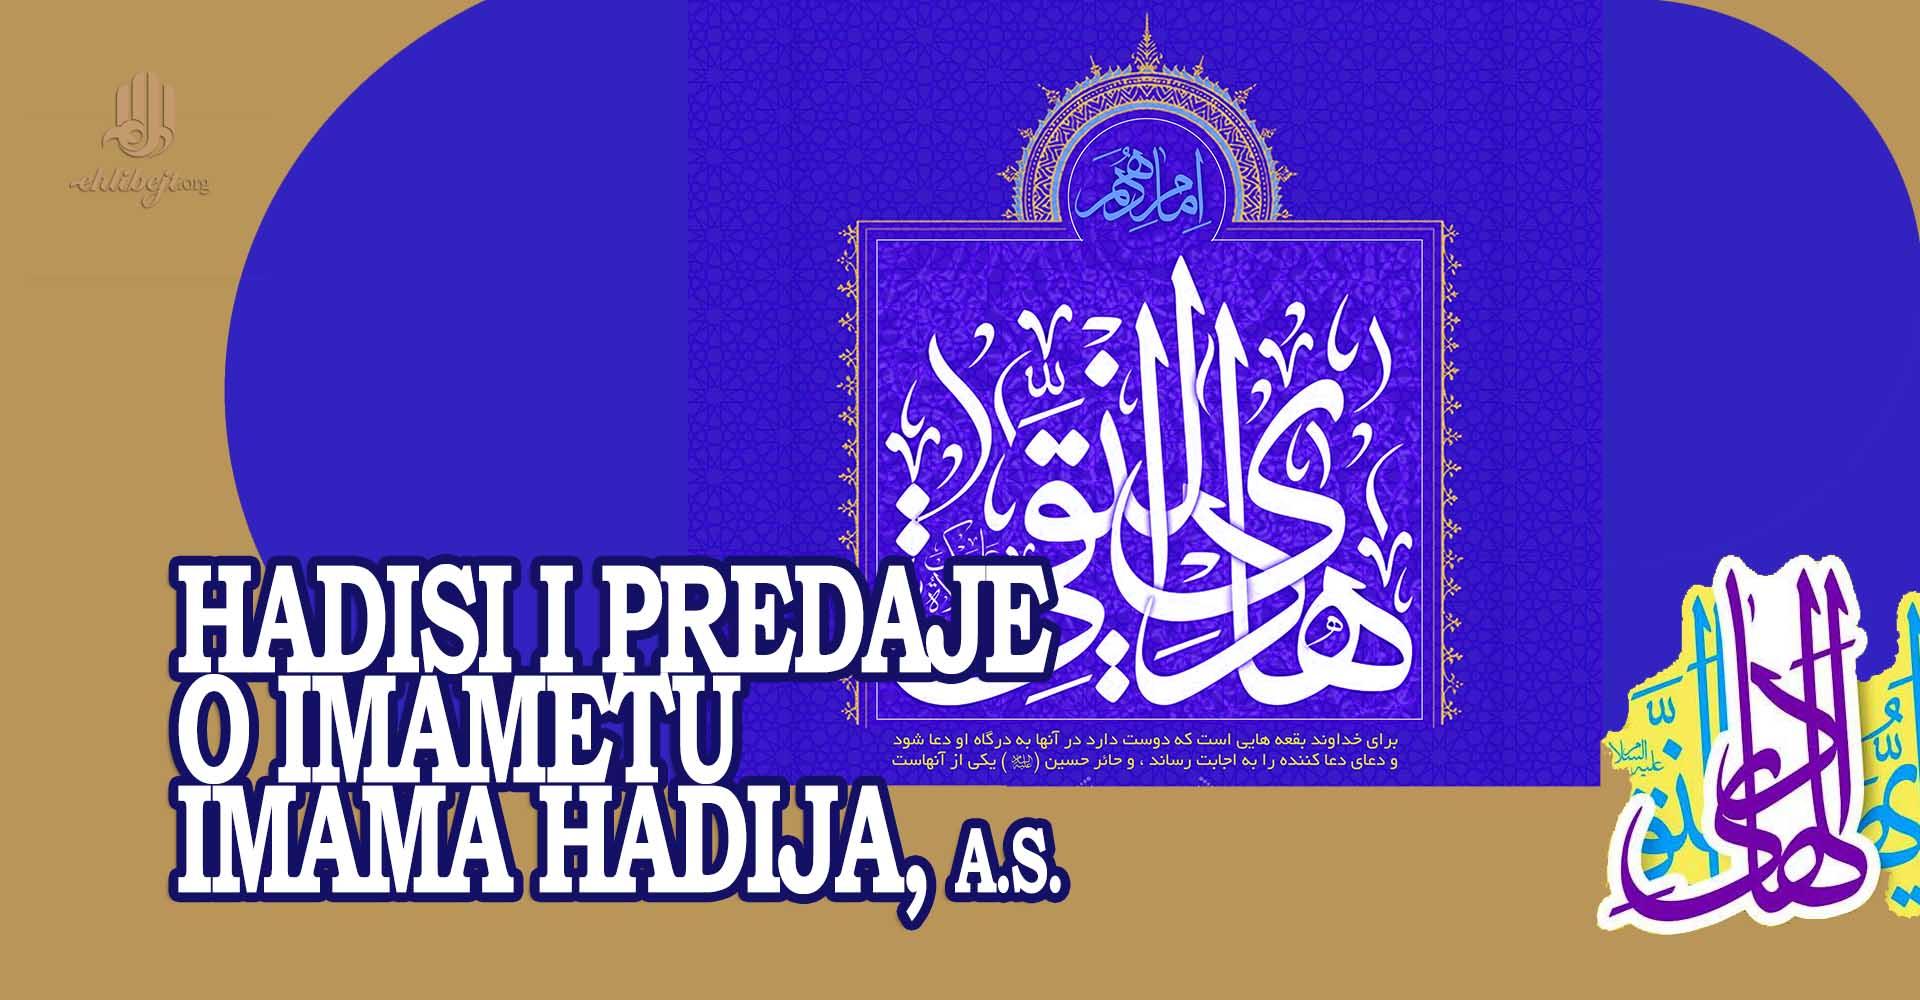 Hadisi i predaje o imametu Imama Hadija, a.s.